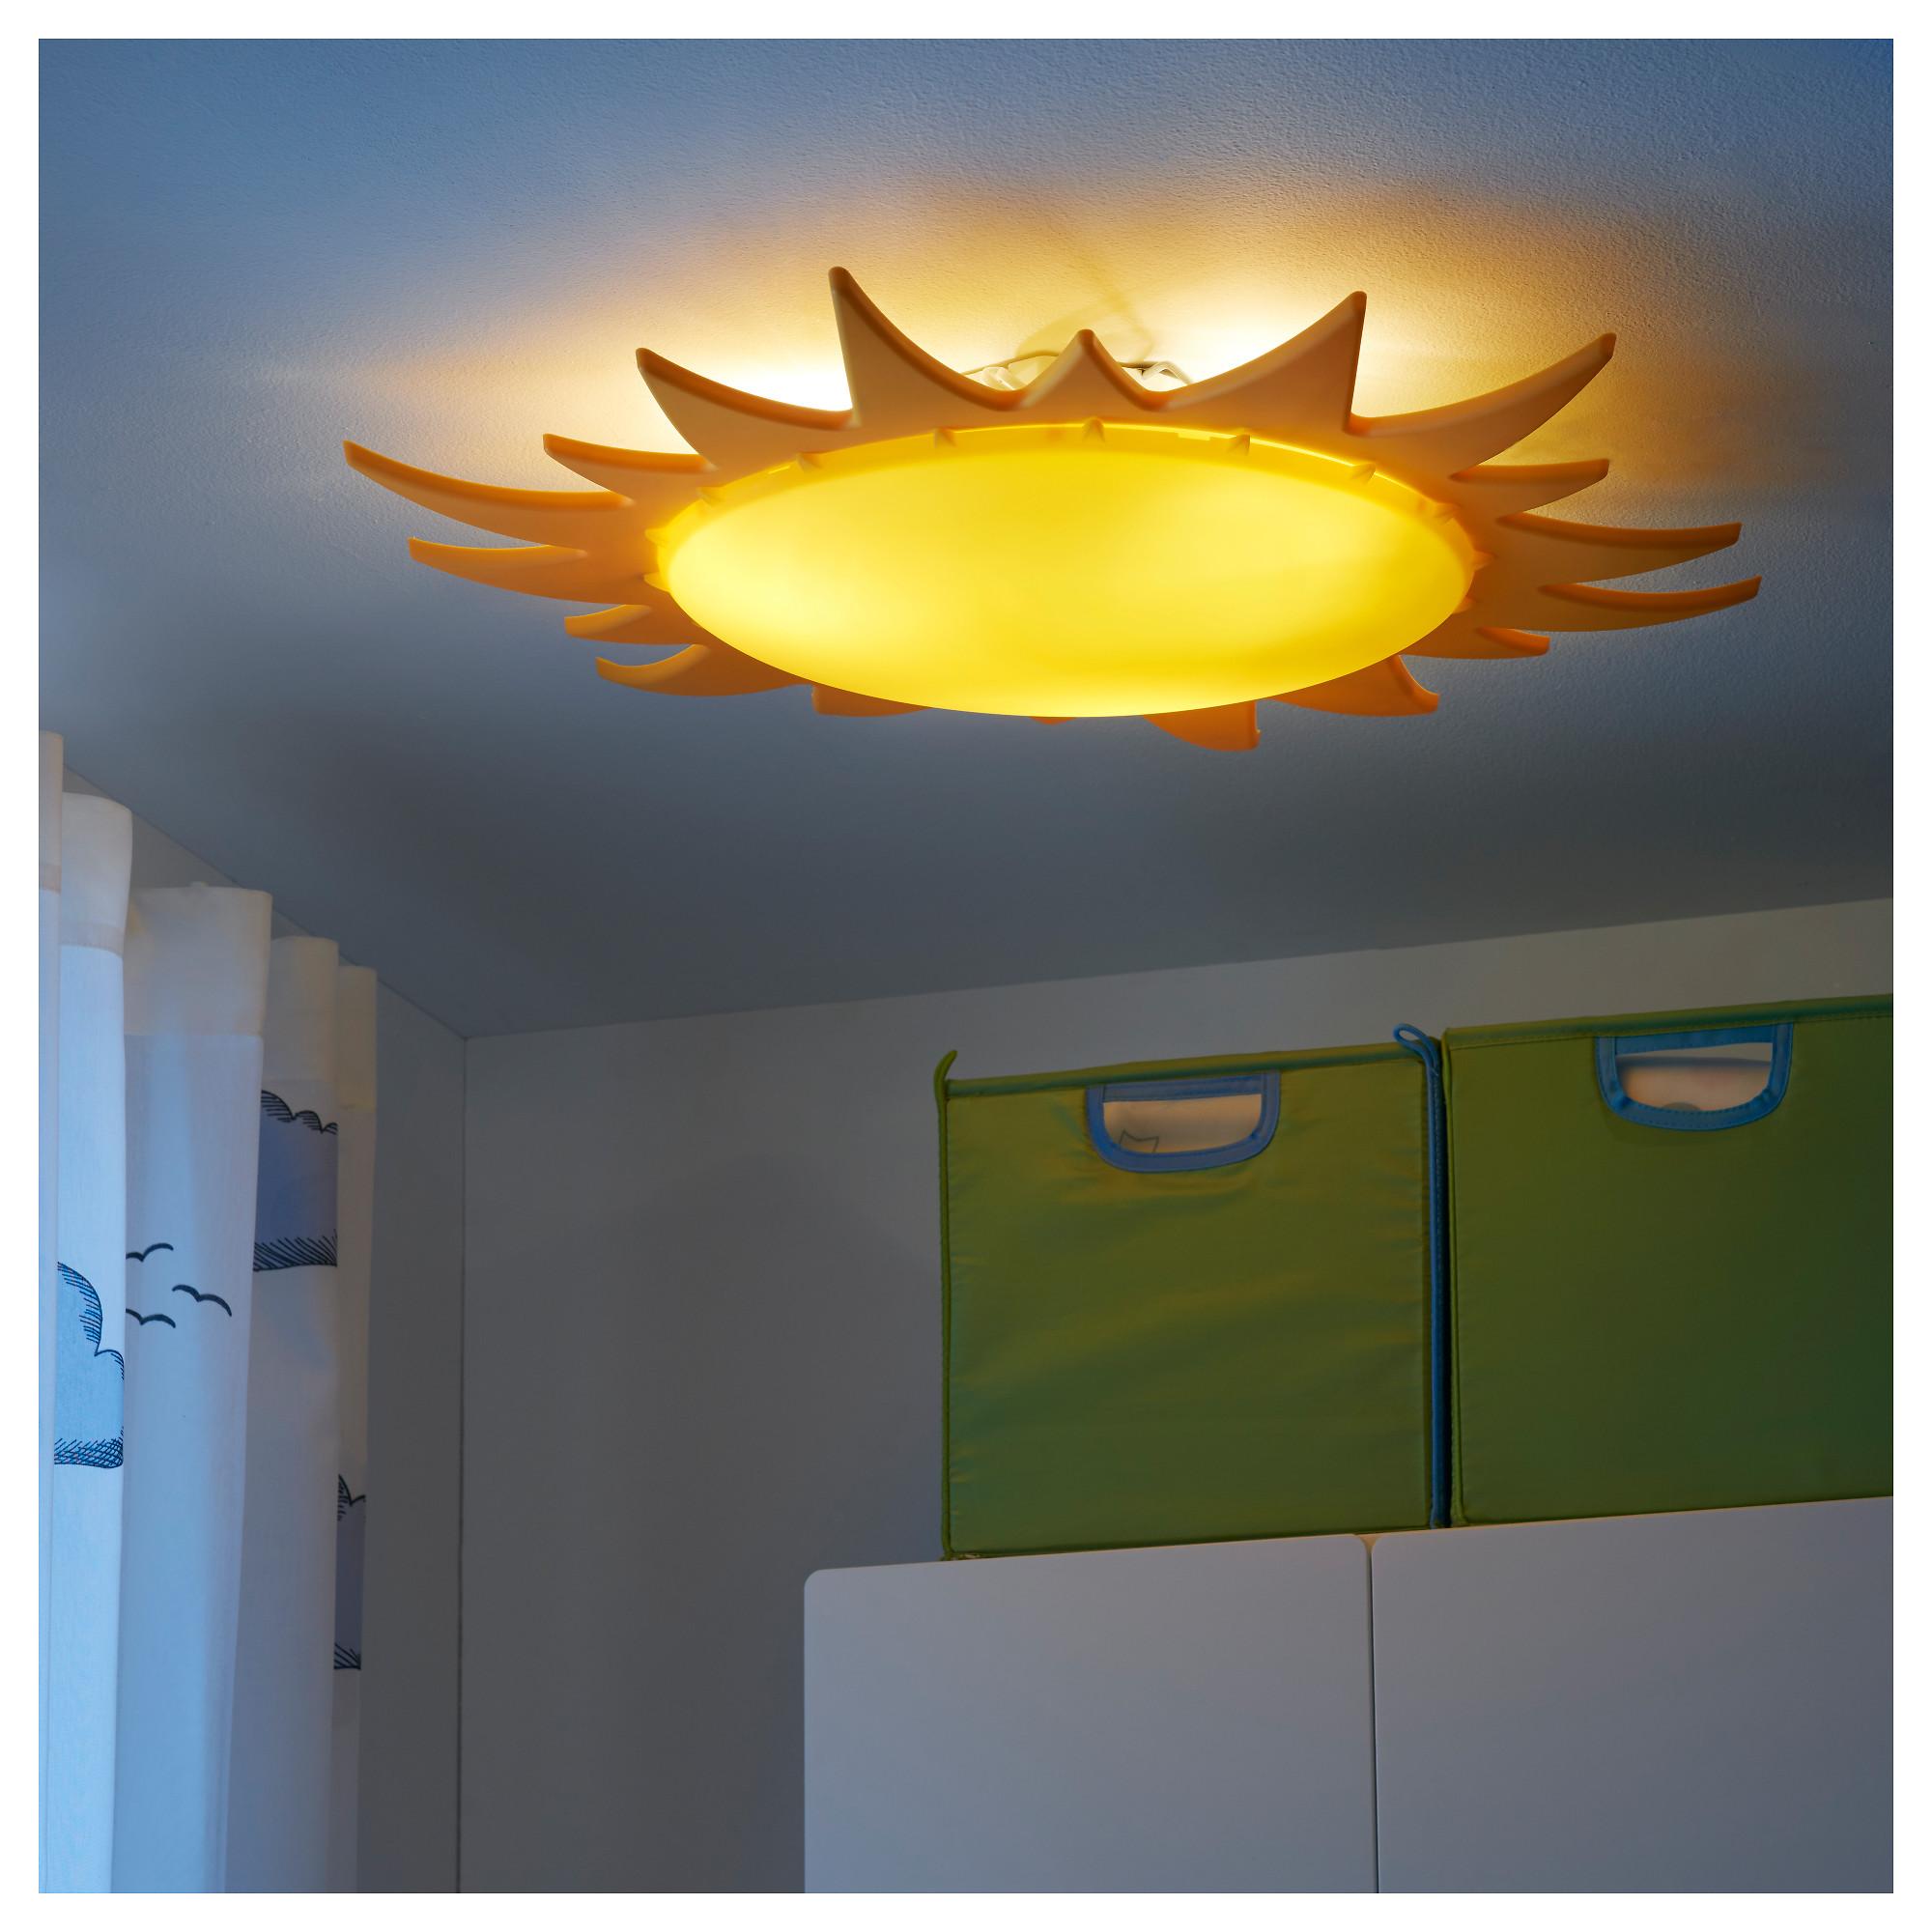 Купить Потолочный светильник СМИЛА СОЛ желтый в ИКЕА